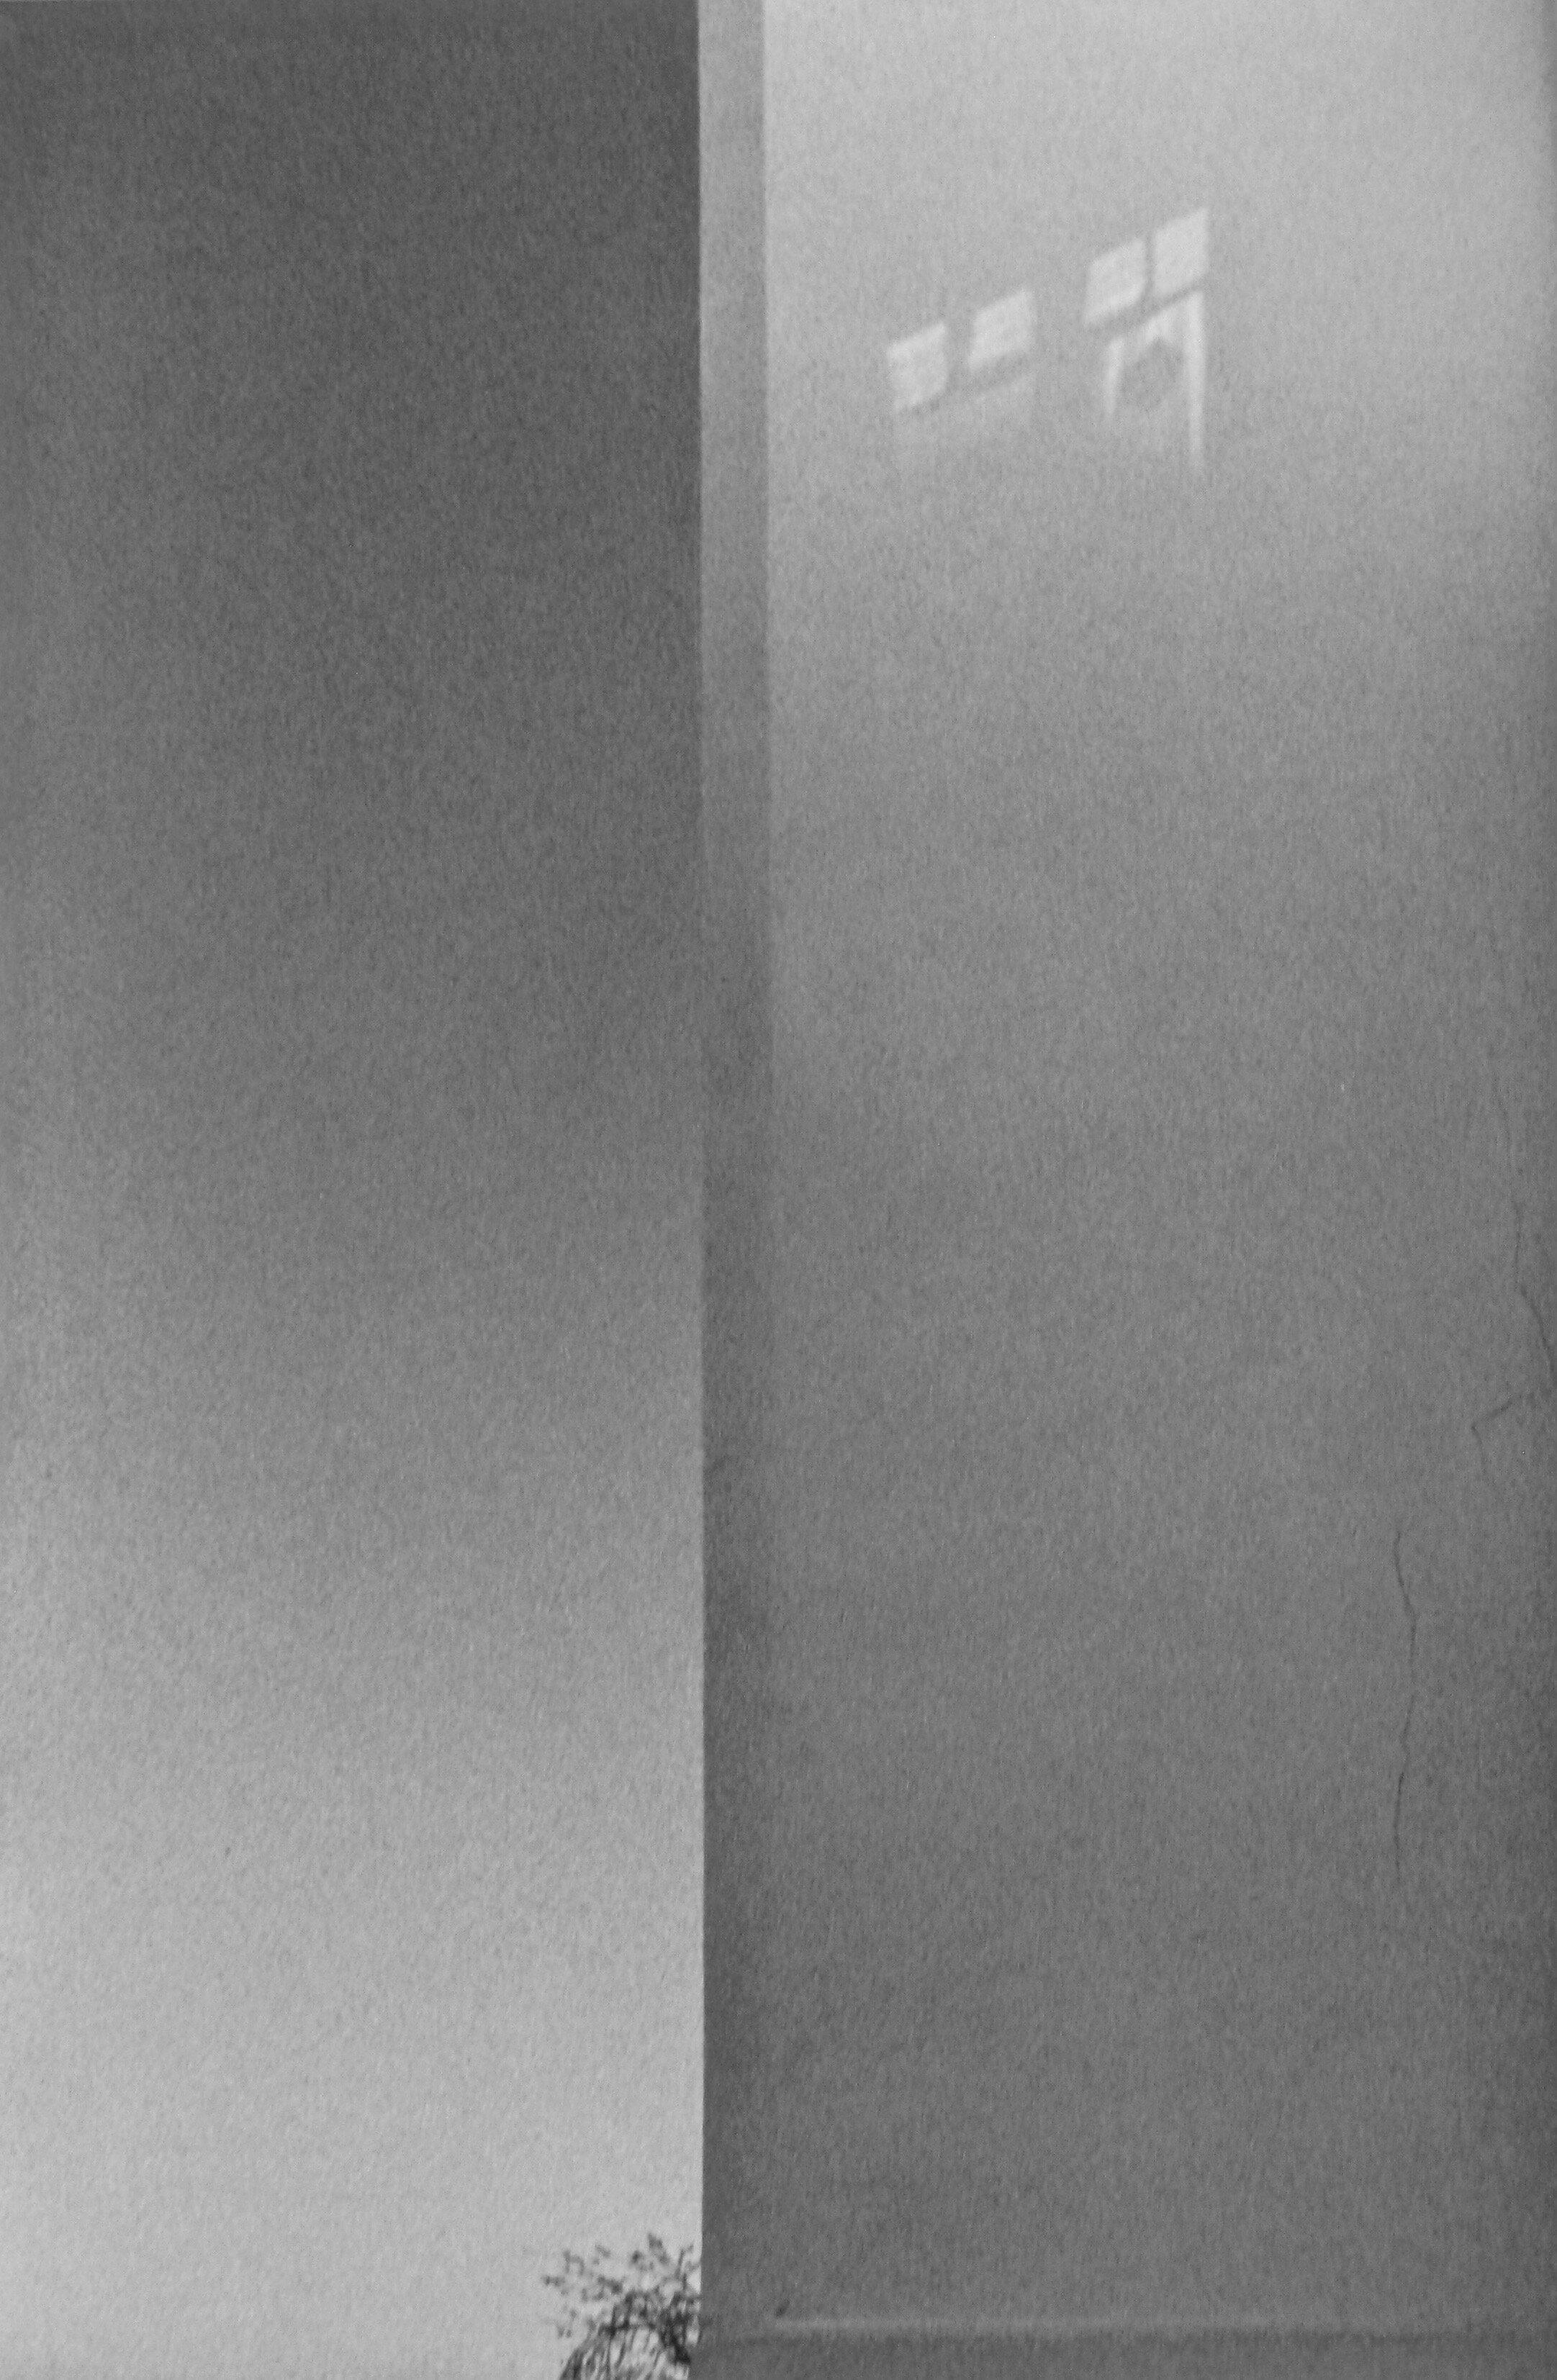 Yannig Hedel - 1PLH-97 (b), Reflets rideaux villeurbannais, 1995